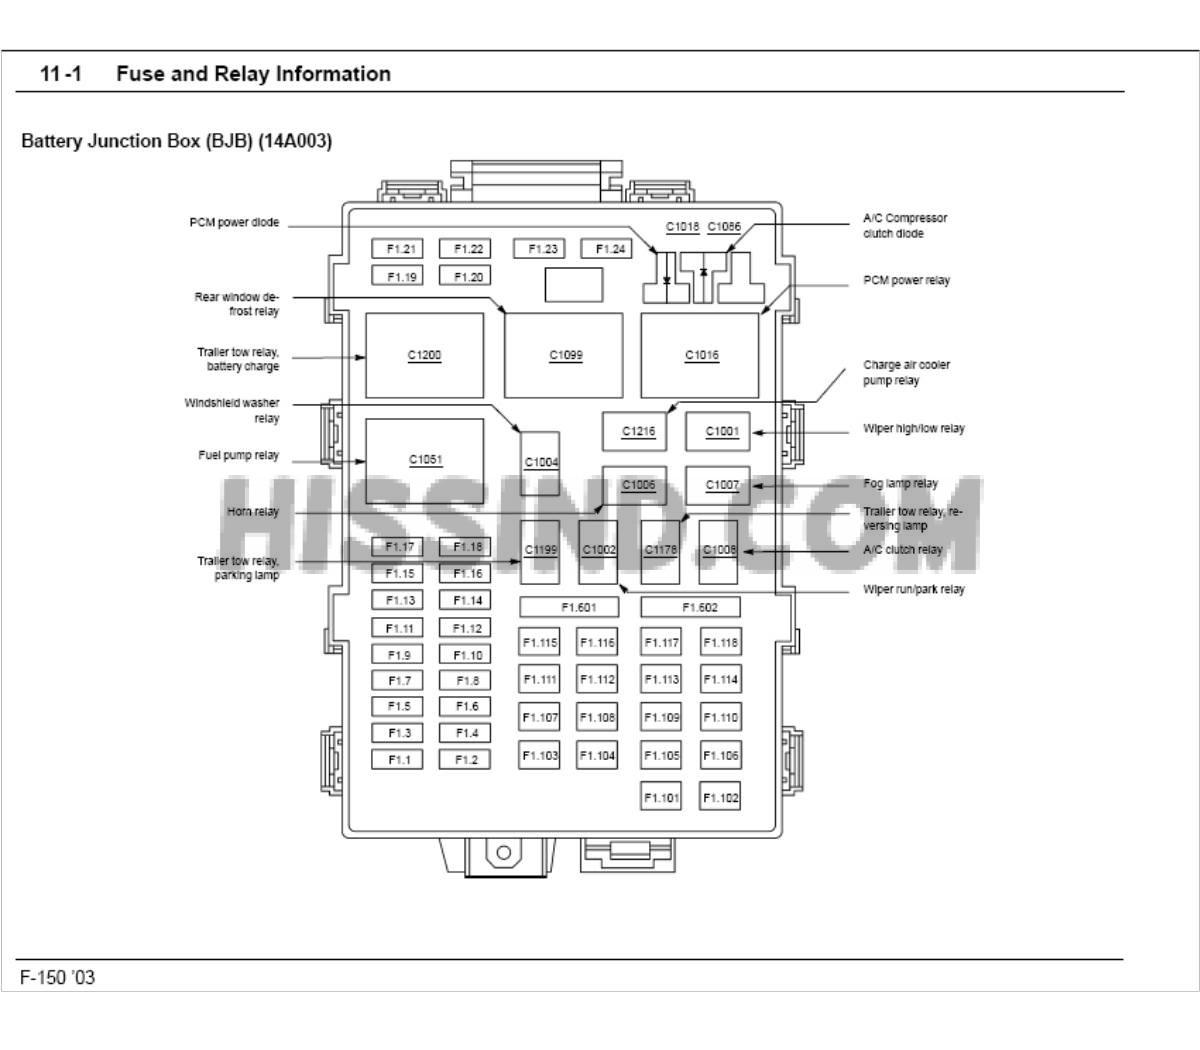 1999 Ford F 150 Fuse Box Designs Wiring Diagram F150 1995 Aerostar